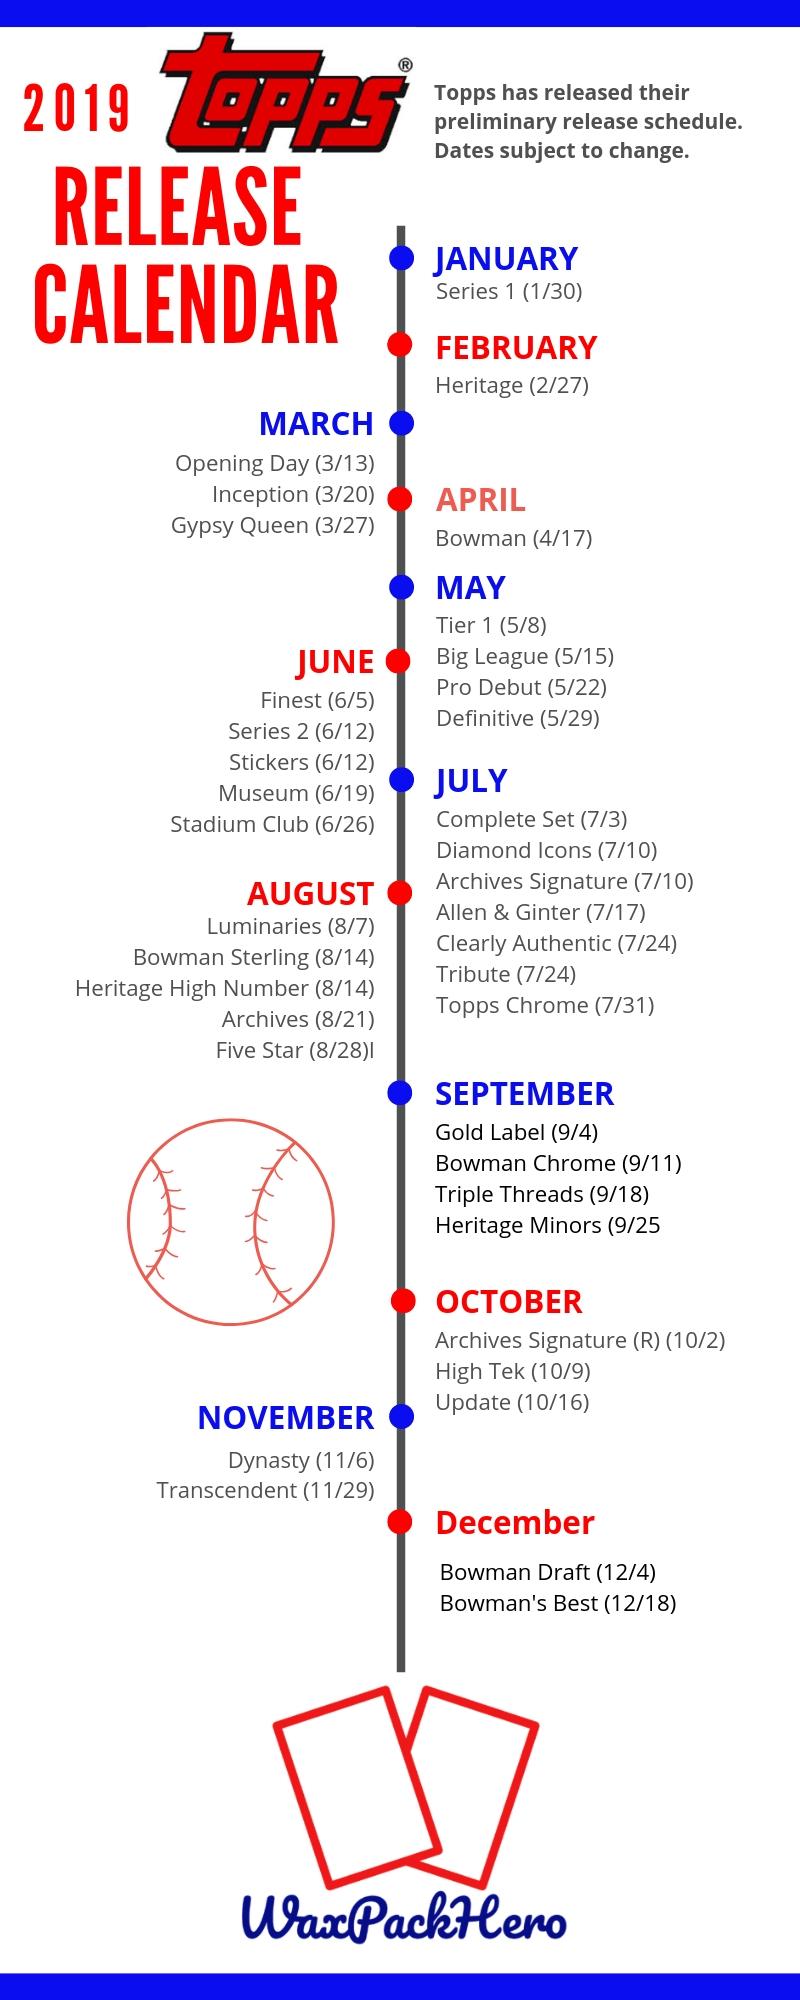 2019-Topps-Release-Calendar.jpg